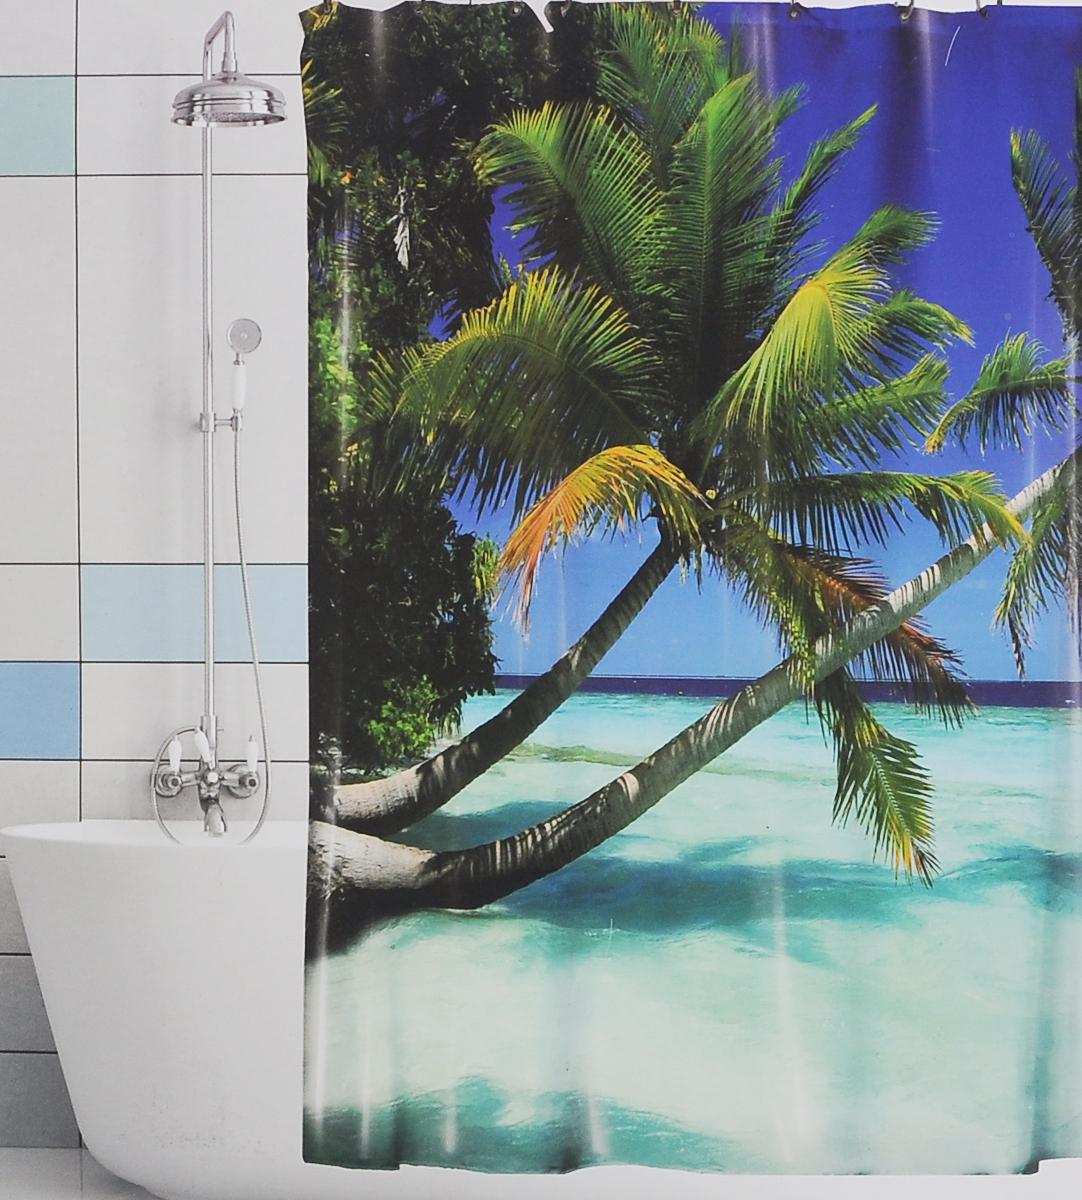 Штора для ванной Valiant Голубая лагуна, цвет: синий, зеленый, 180 см х 180 смBBШтора для ванной комнаты Valiant Голубая лагуна из 100% плотного полиэстера с водоотталкивающей поверхностью идеально защищает ванную комнату от брызг. В верхней кромке шторы предусмотрены отверстия для пластиковых колец (входят в комплект), а в нижней кромке шторы скрыт гибкий шнур, который поддерживает ее в естественной расправленной форме. Штору можно легко почистить мягкой губкой с мылом или постирать ее с мягким моющим средством в деликатном режиме. Количество колец: 12 шт.